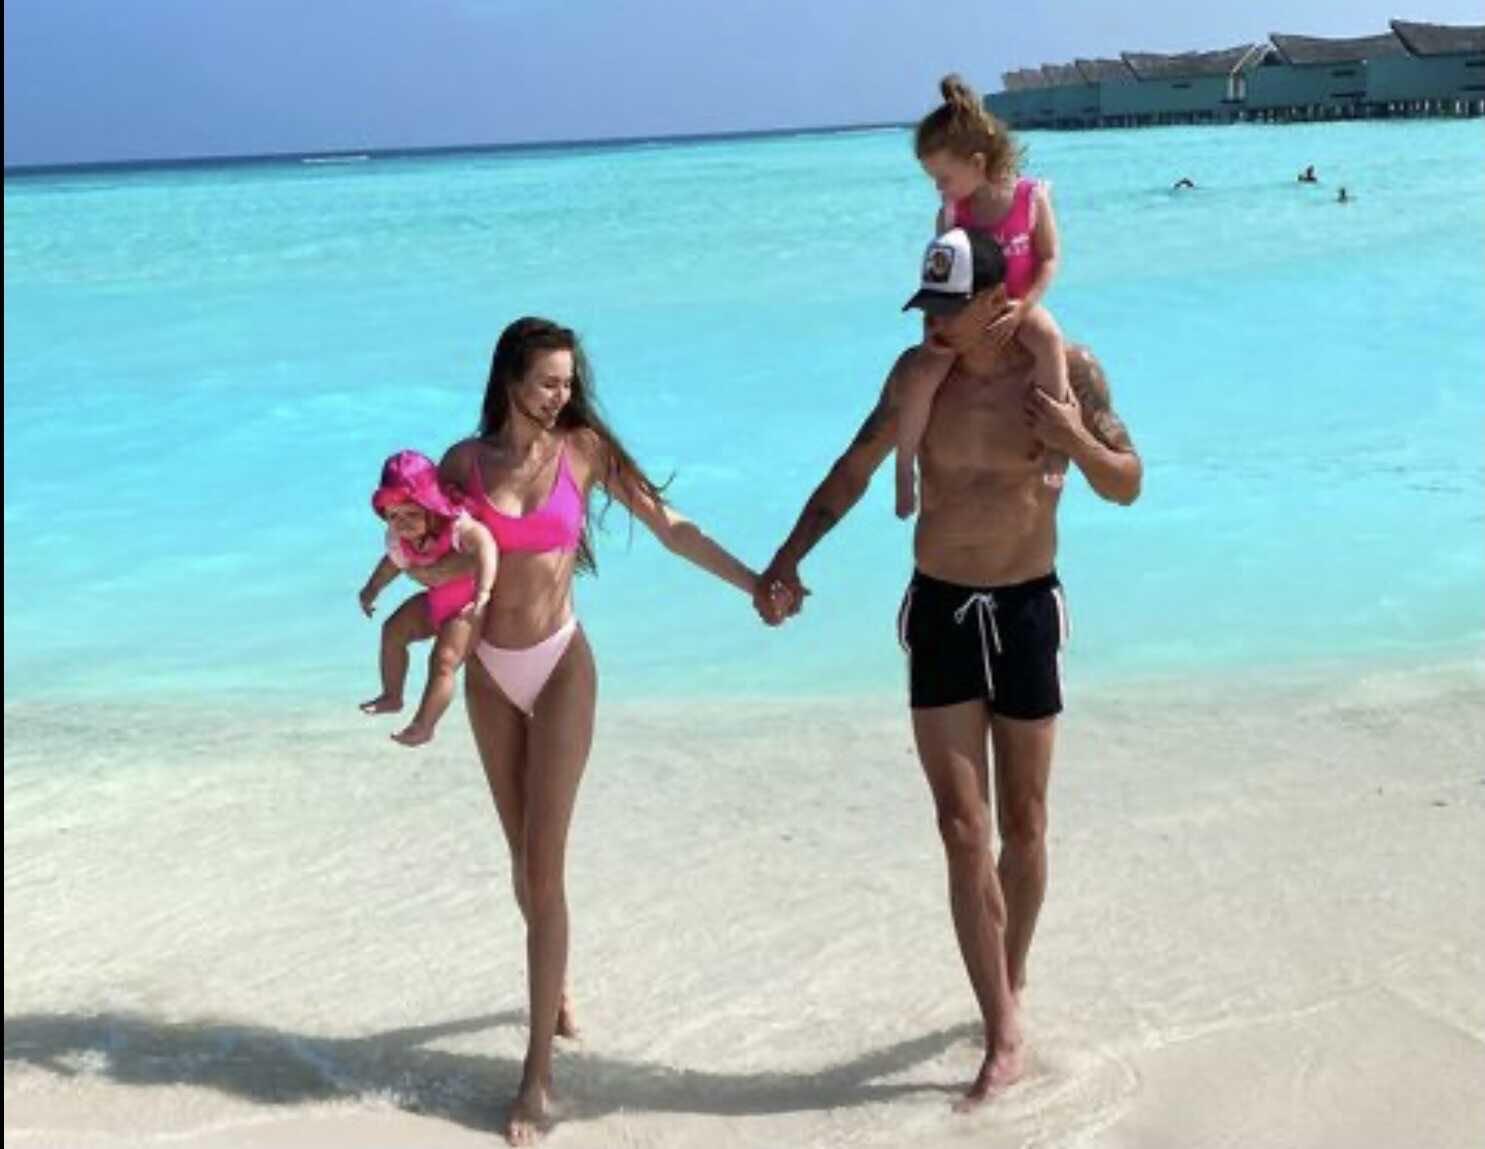 Дмитрий Тарасов объяснил, почему именно он имеет право раздавать советы о счастливой семейной жизни